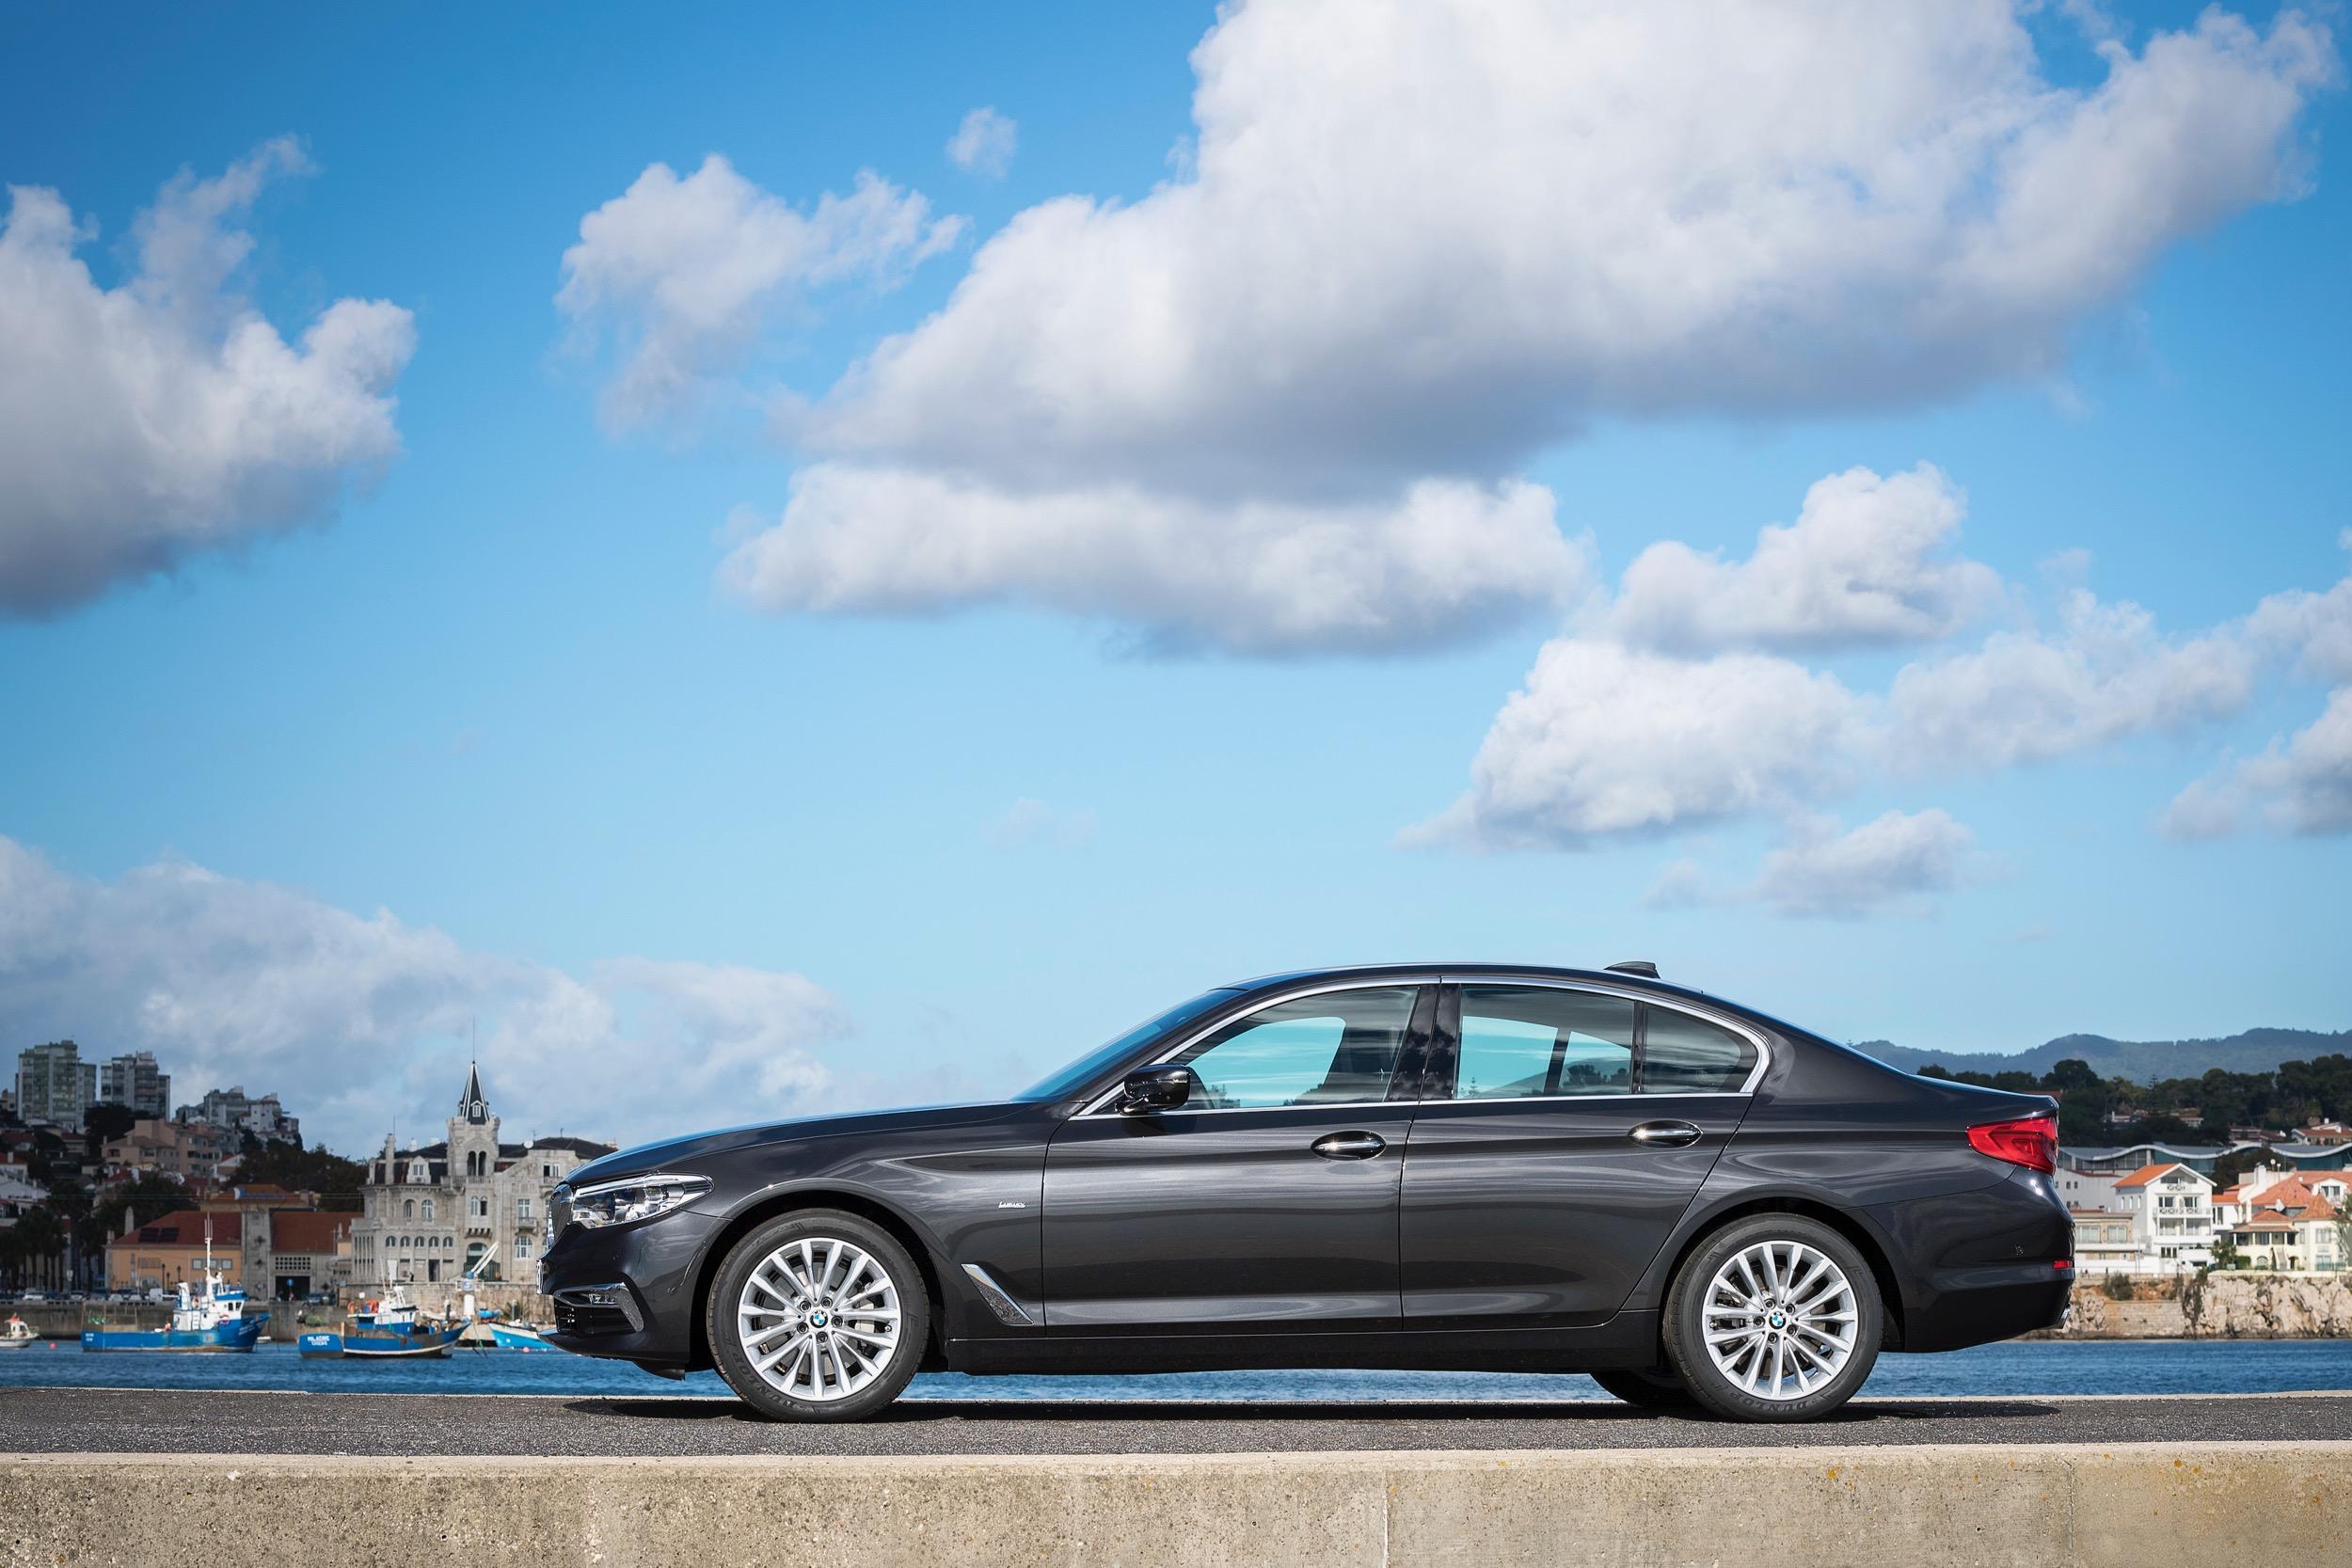 2017 BMW 5 Series review - photos | CarAdvice